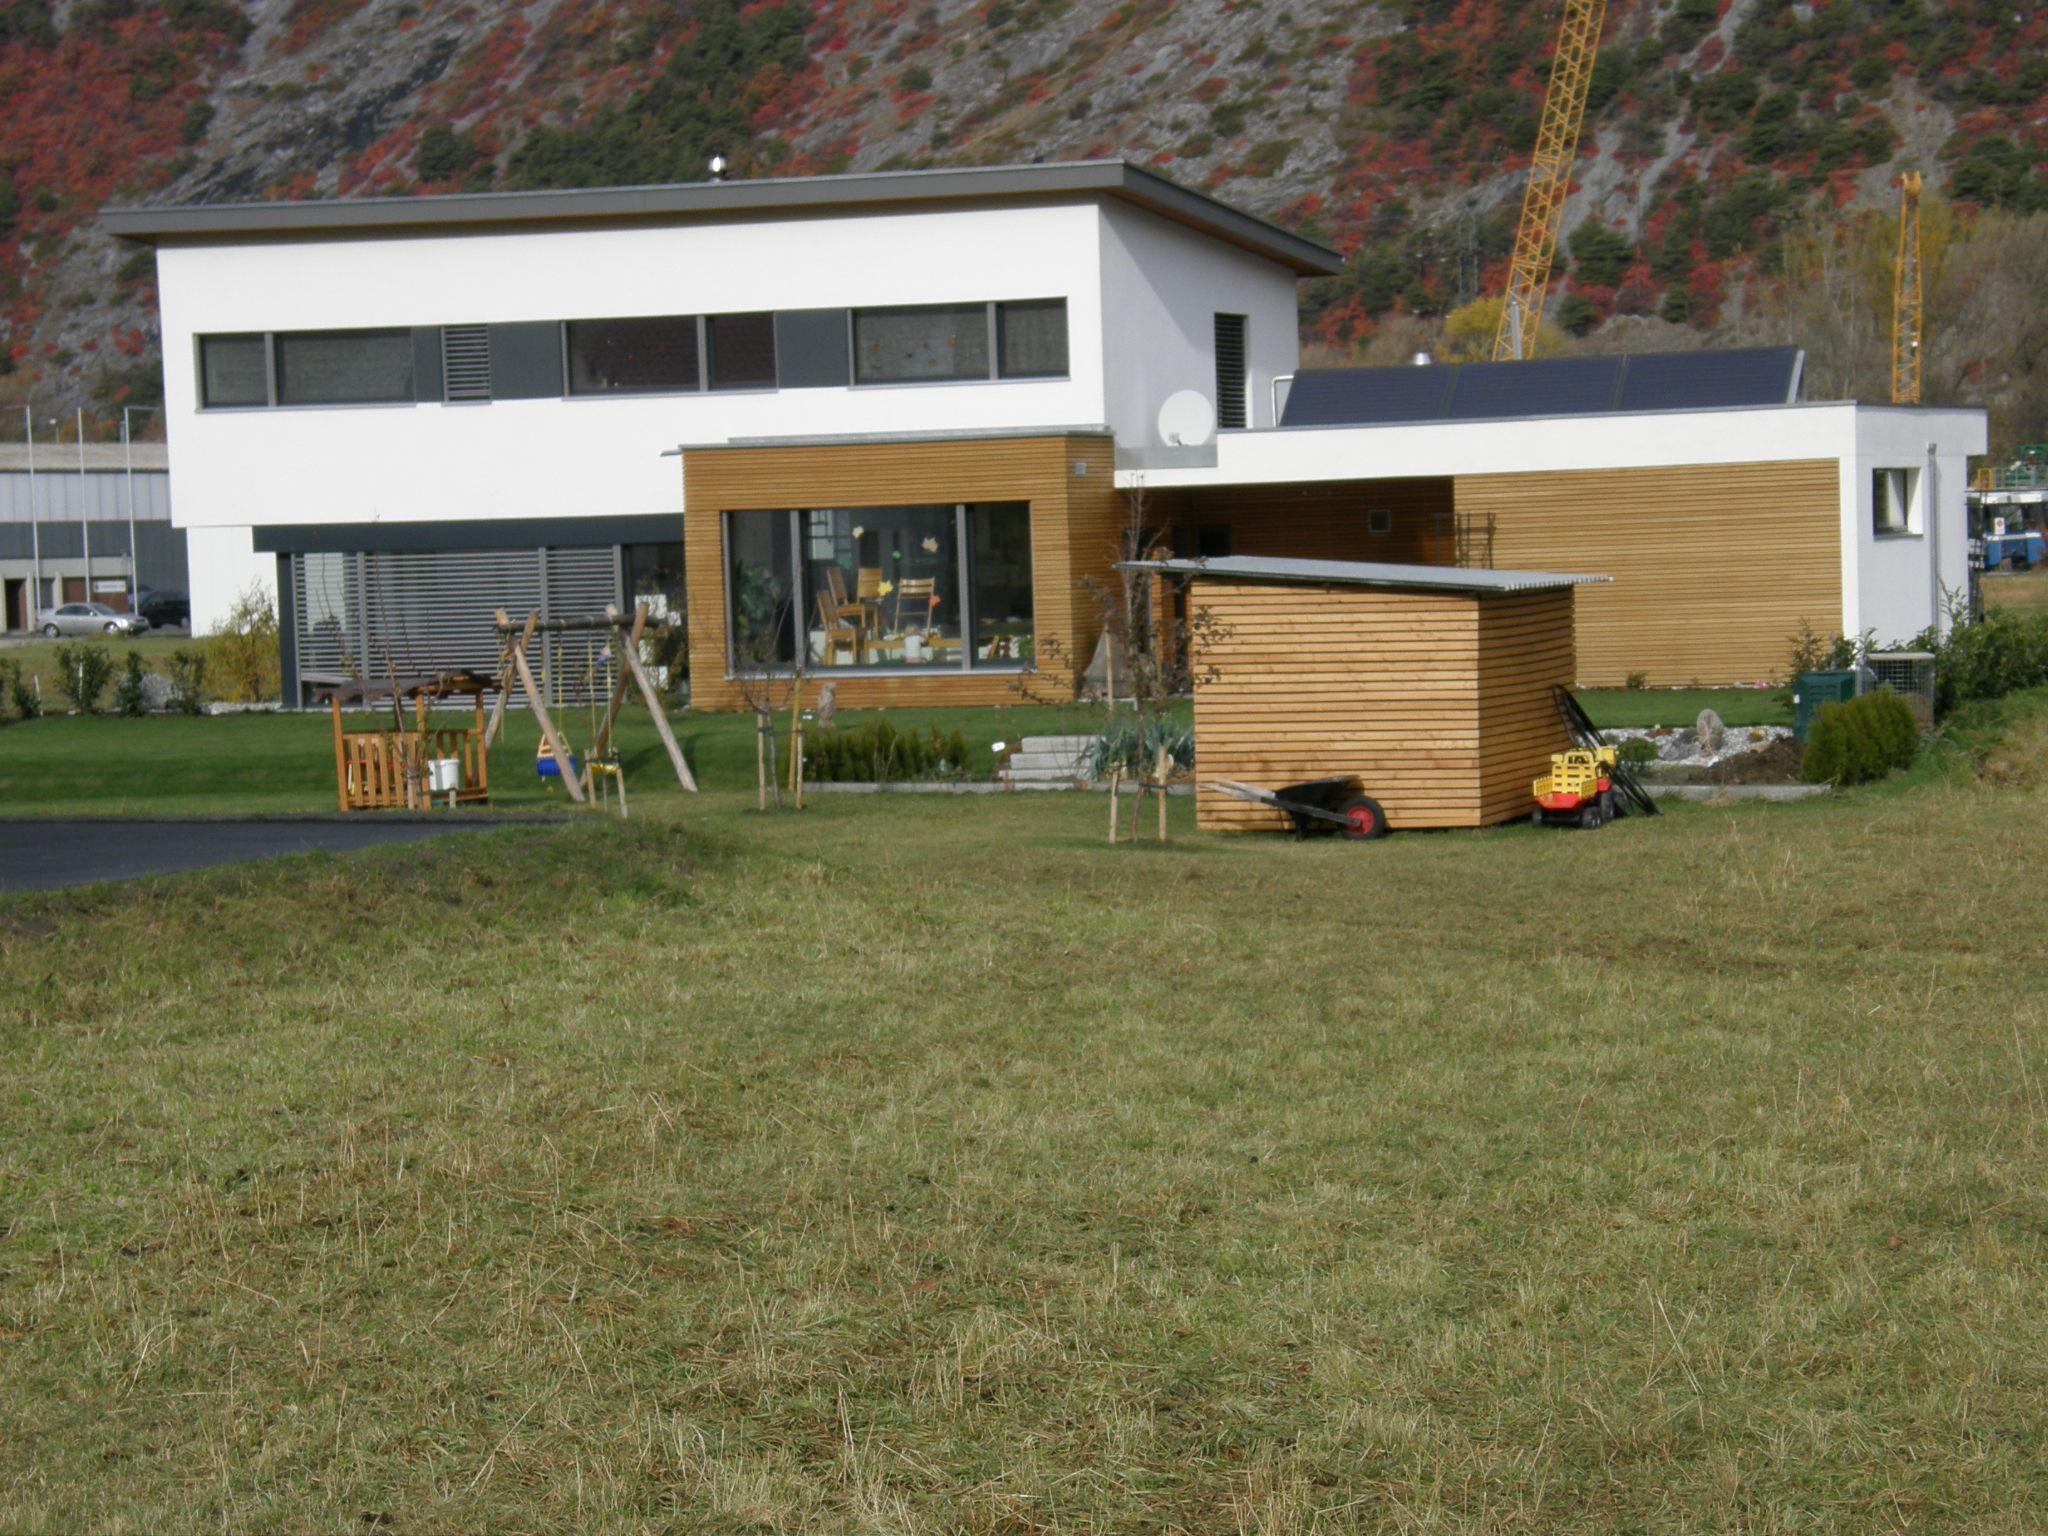 2 Einfamilienhäuser in Turtmann, Baujahr 2007_2008